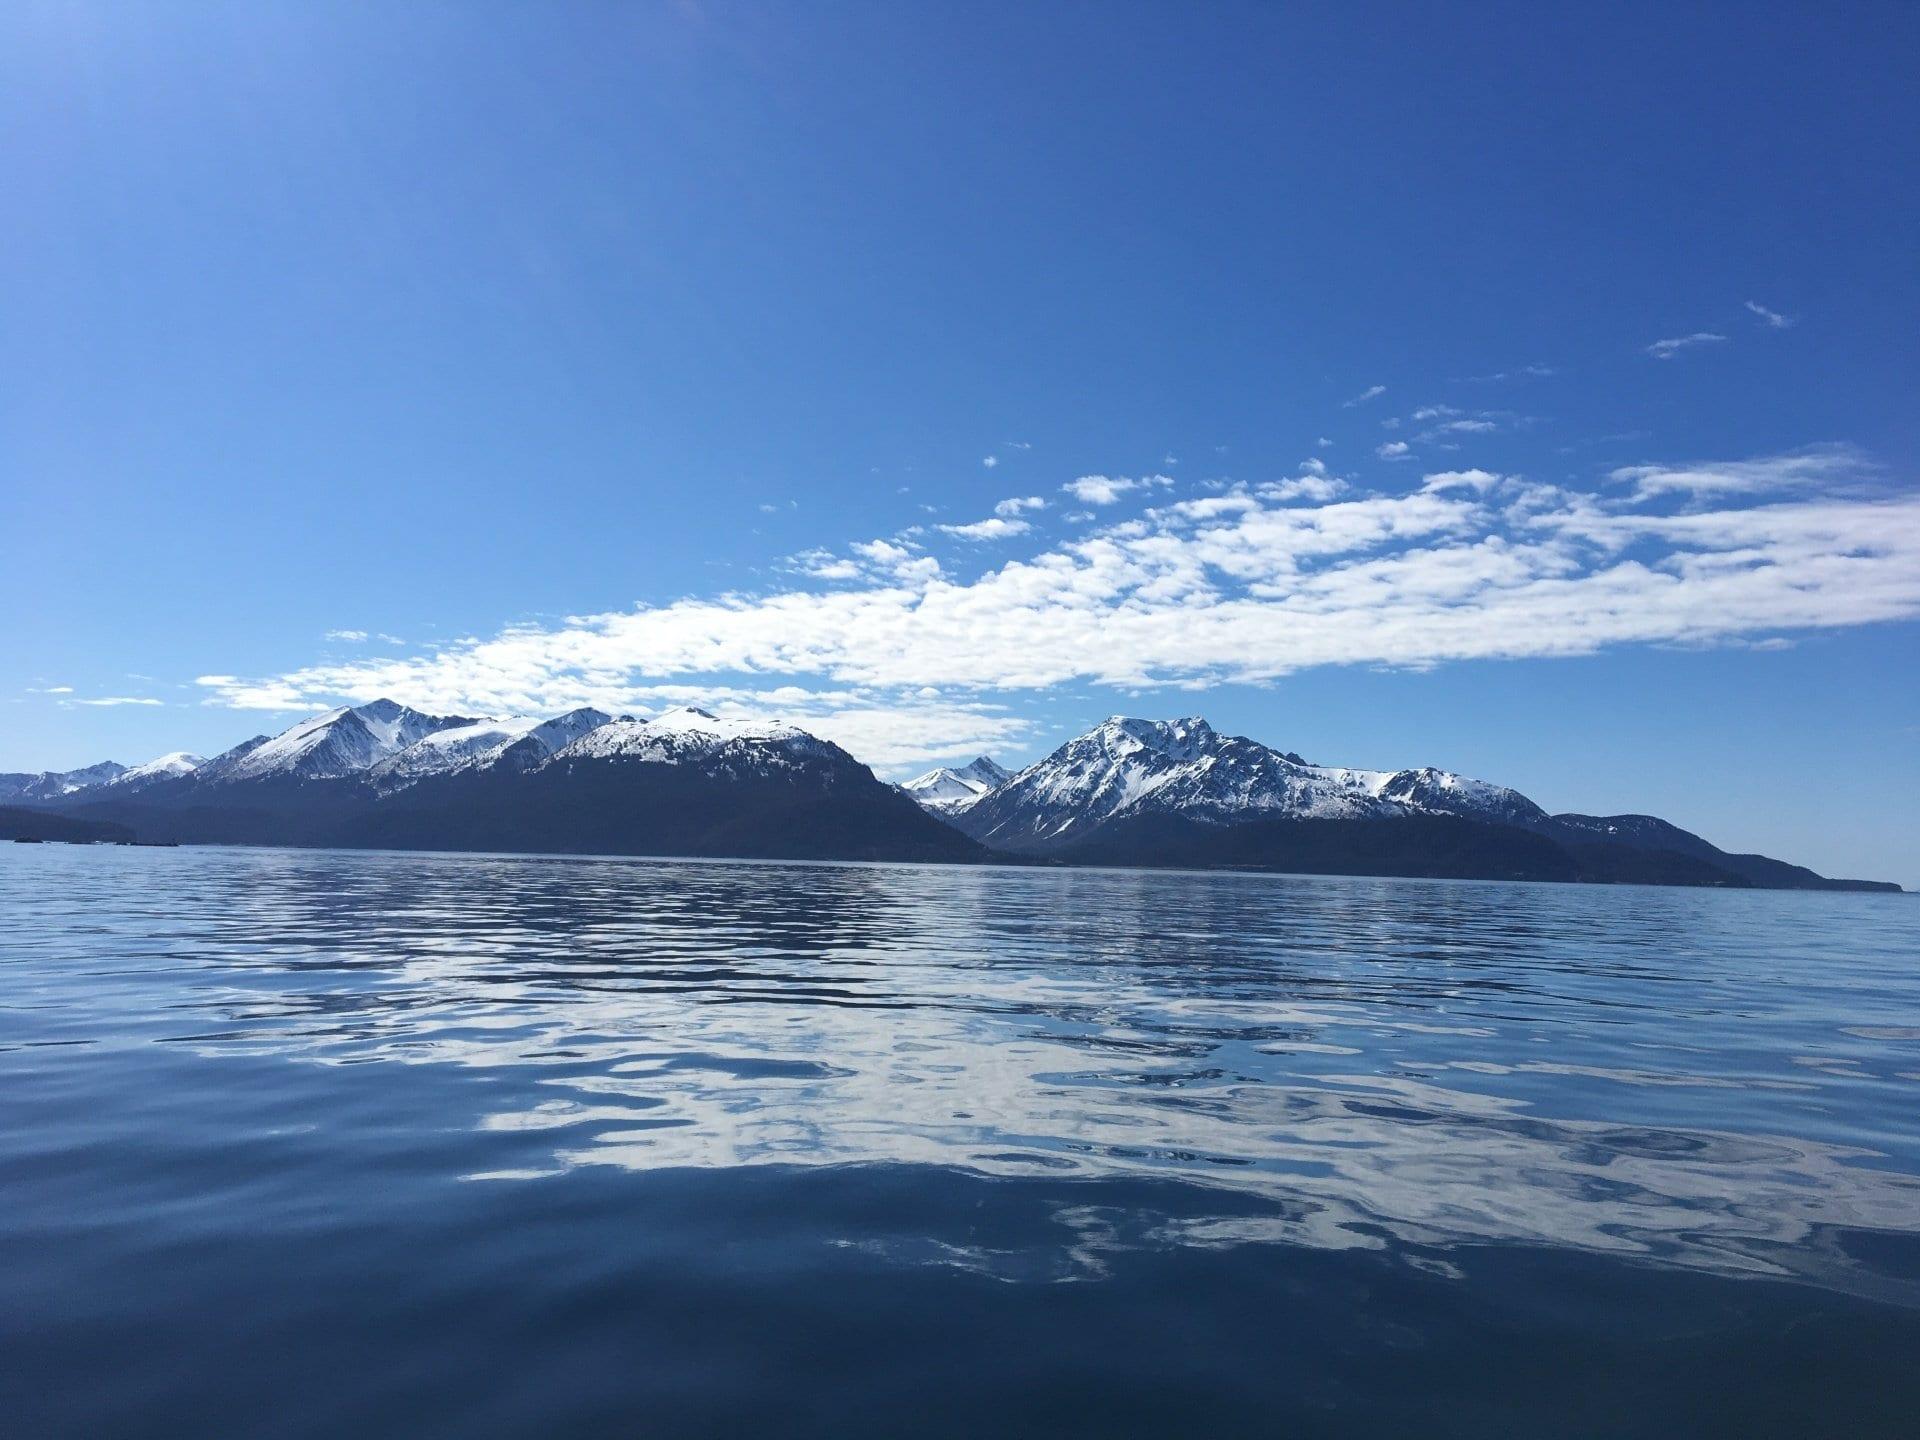 Alaska mountain range view from a lake